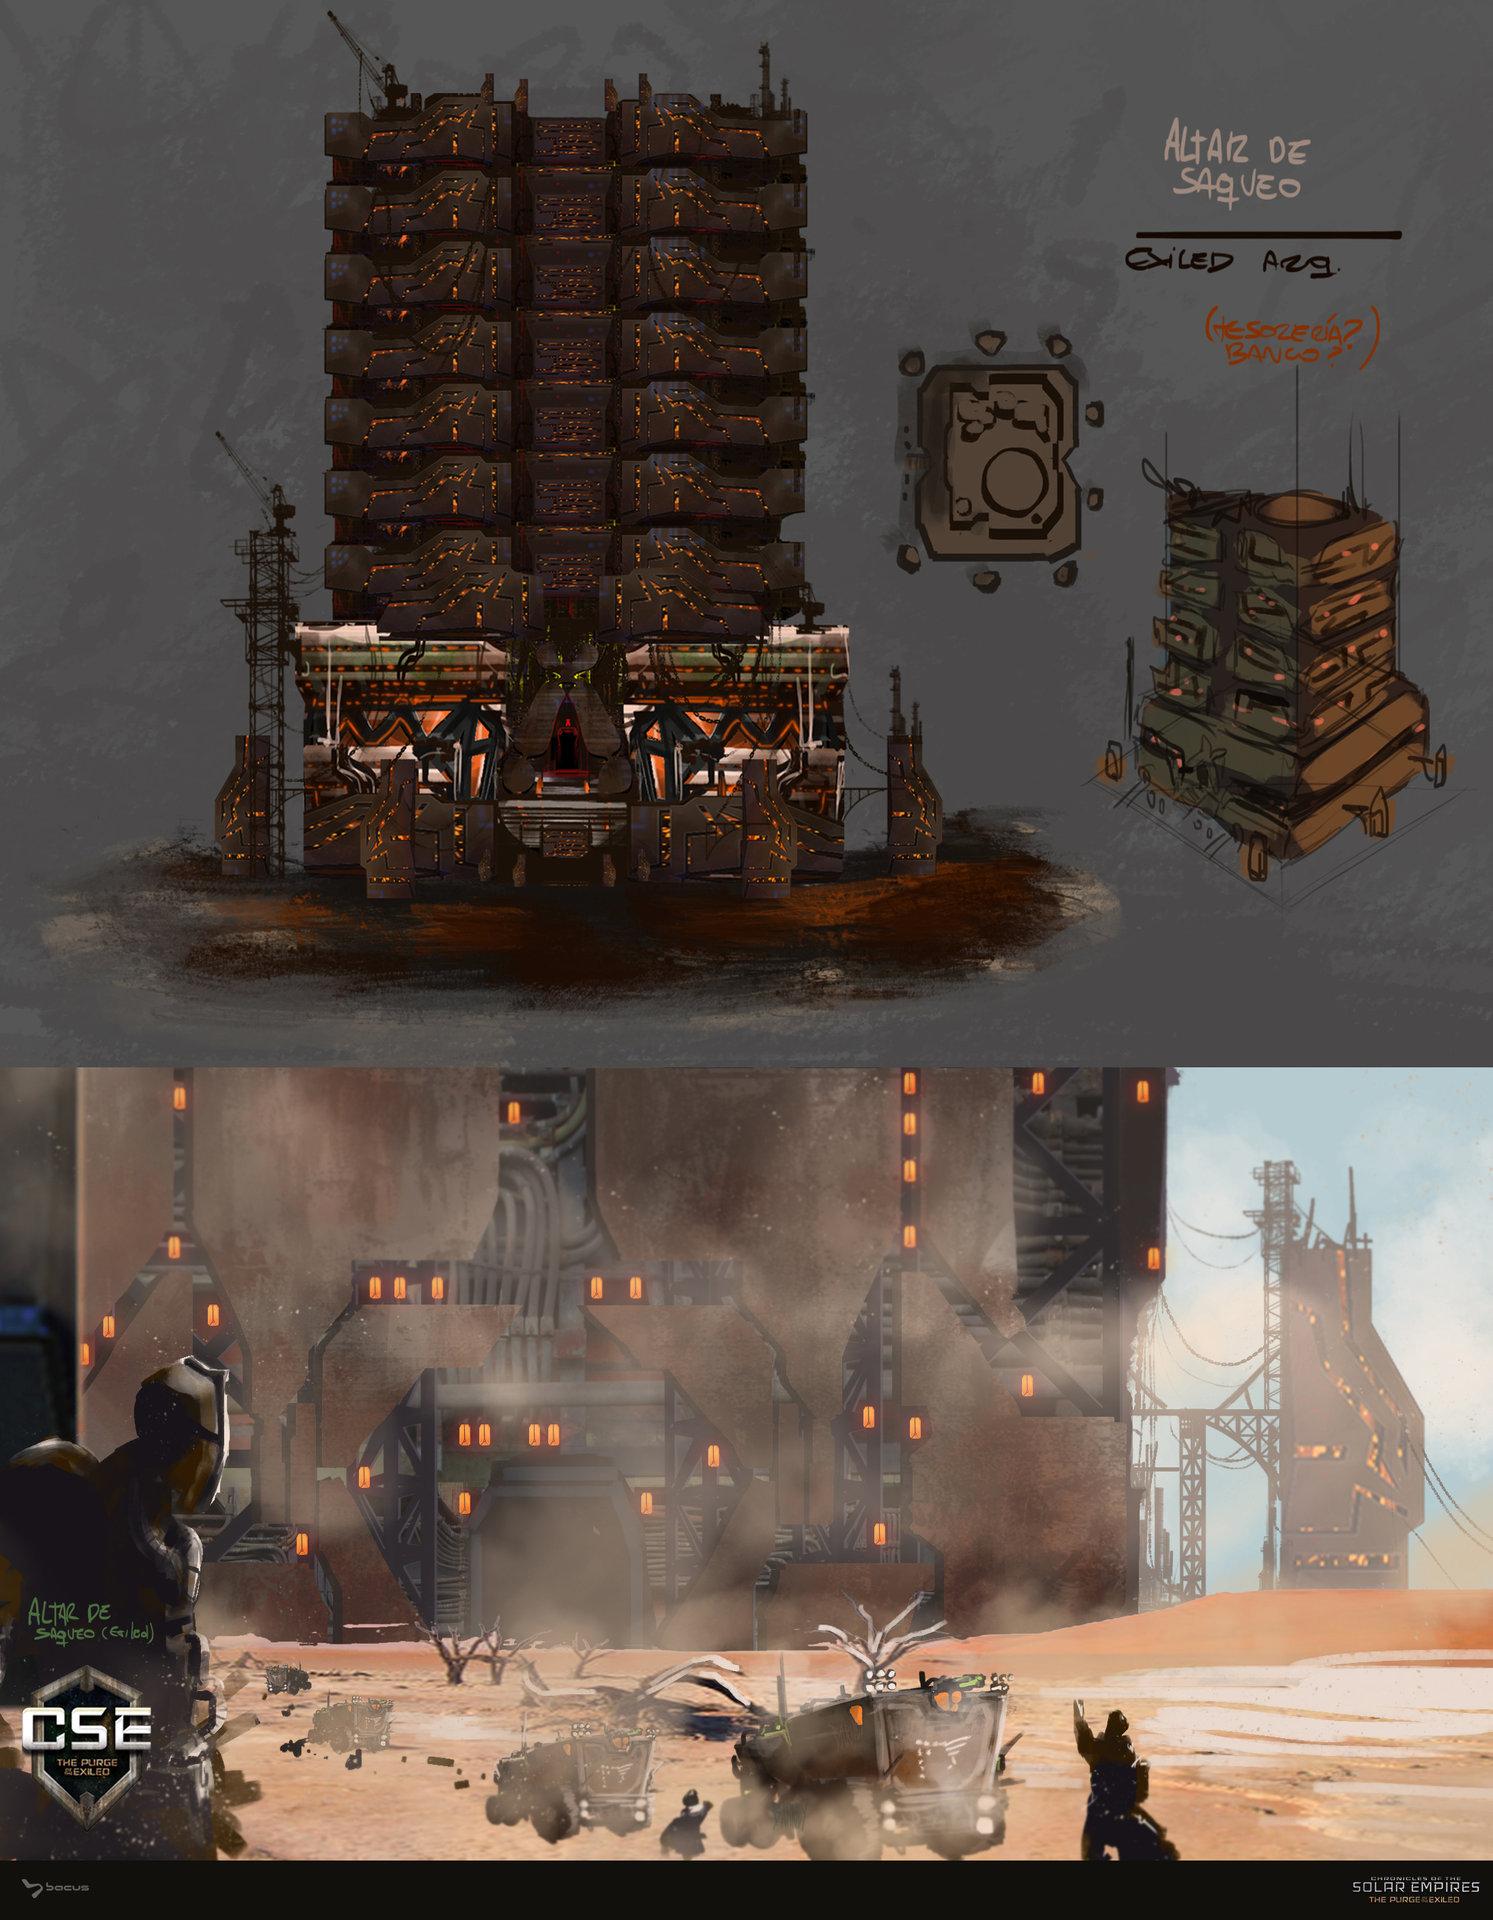 06 altar de saqueo    exiled concept